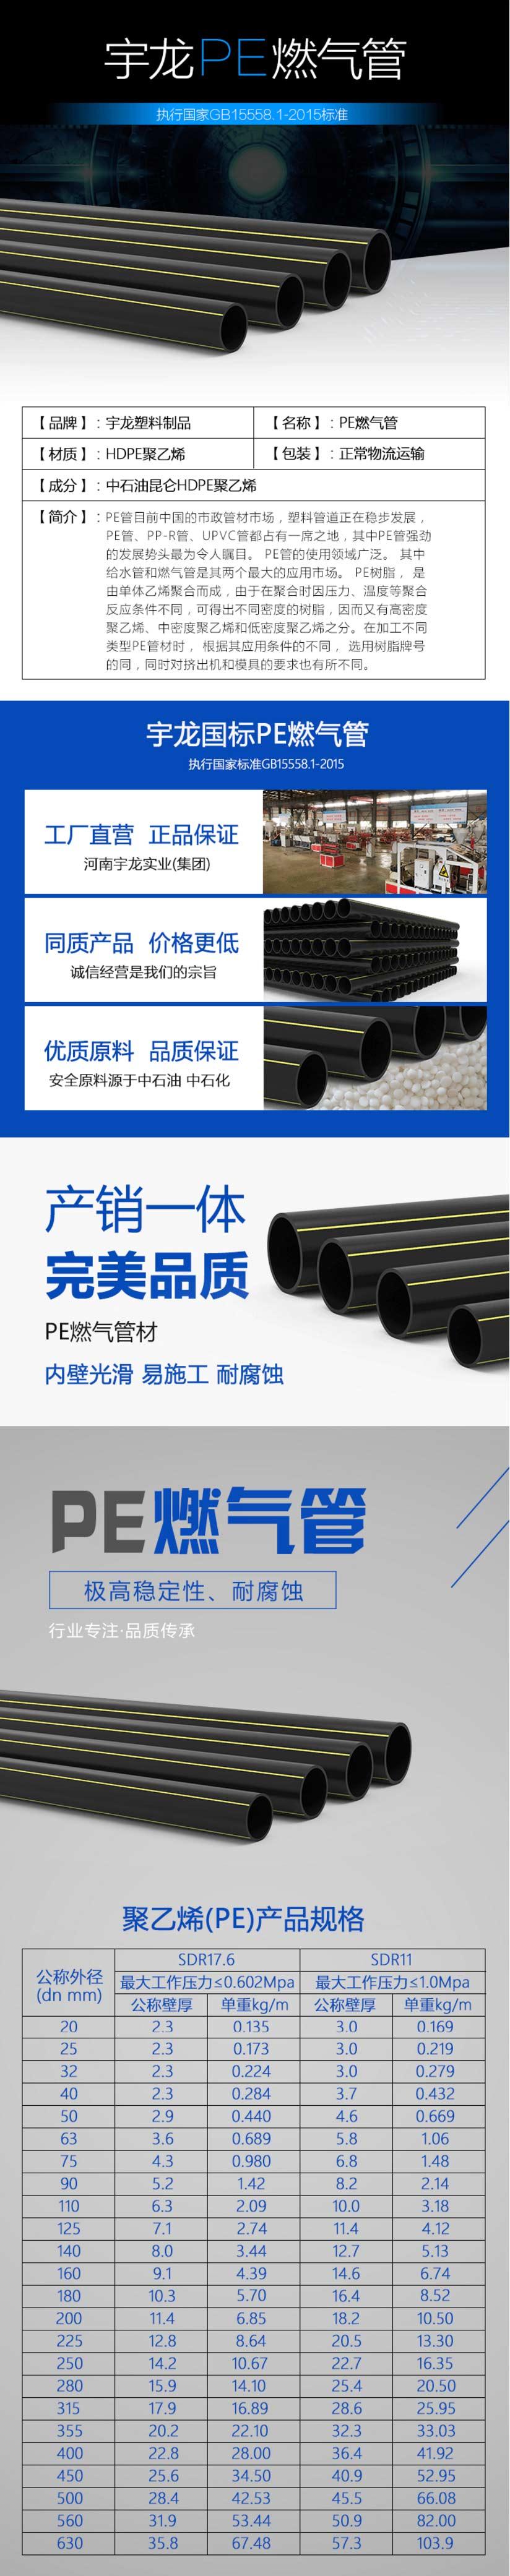 PE燃气管1.jpg